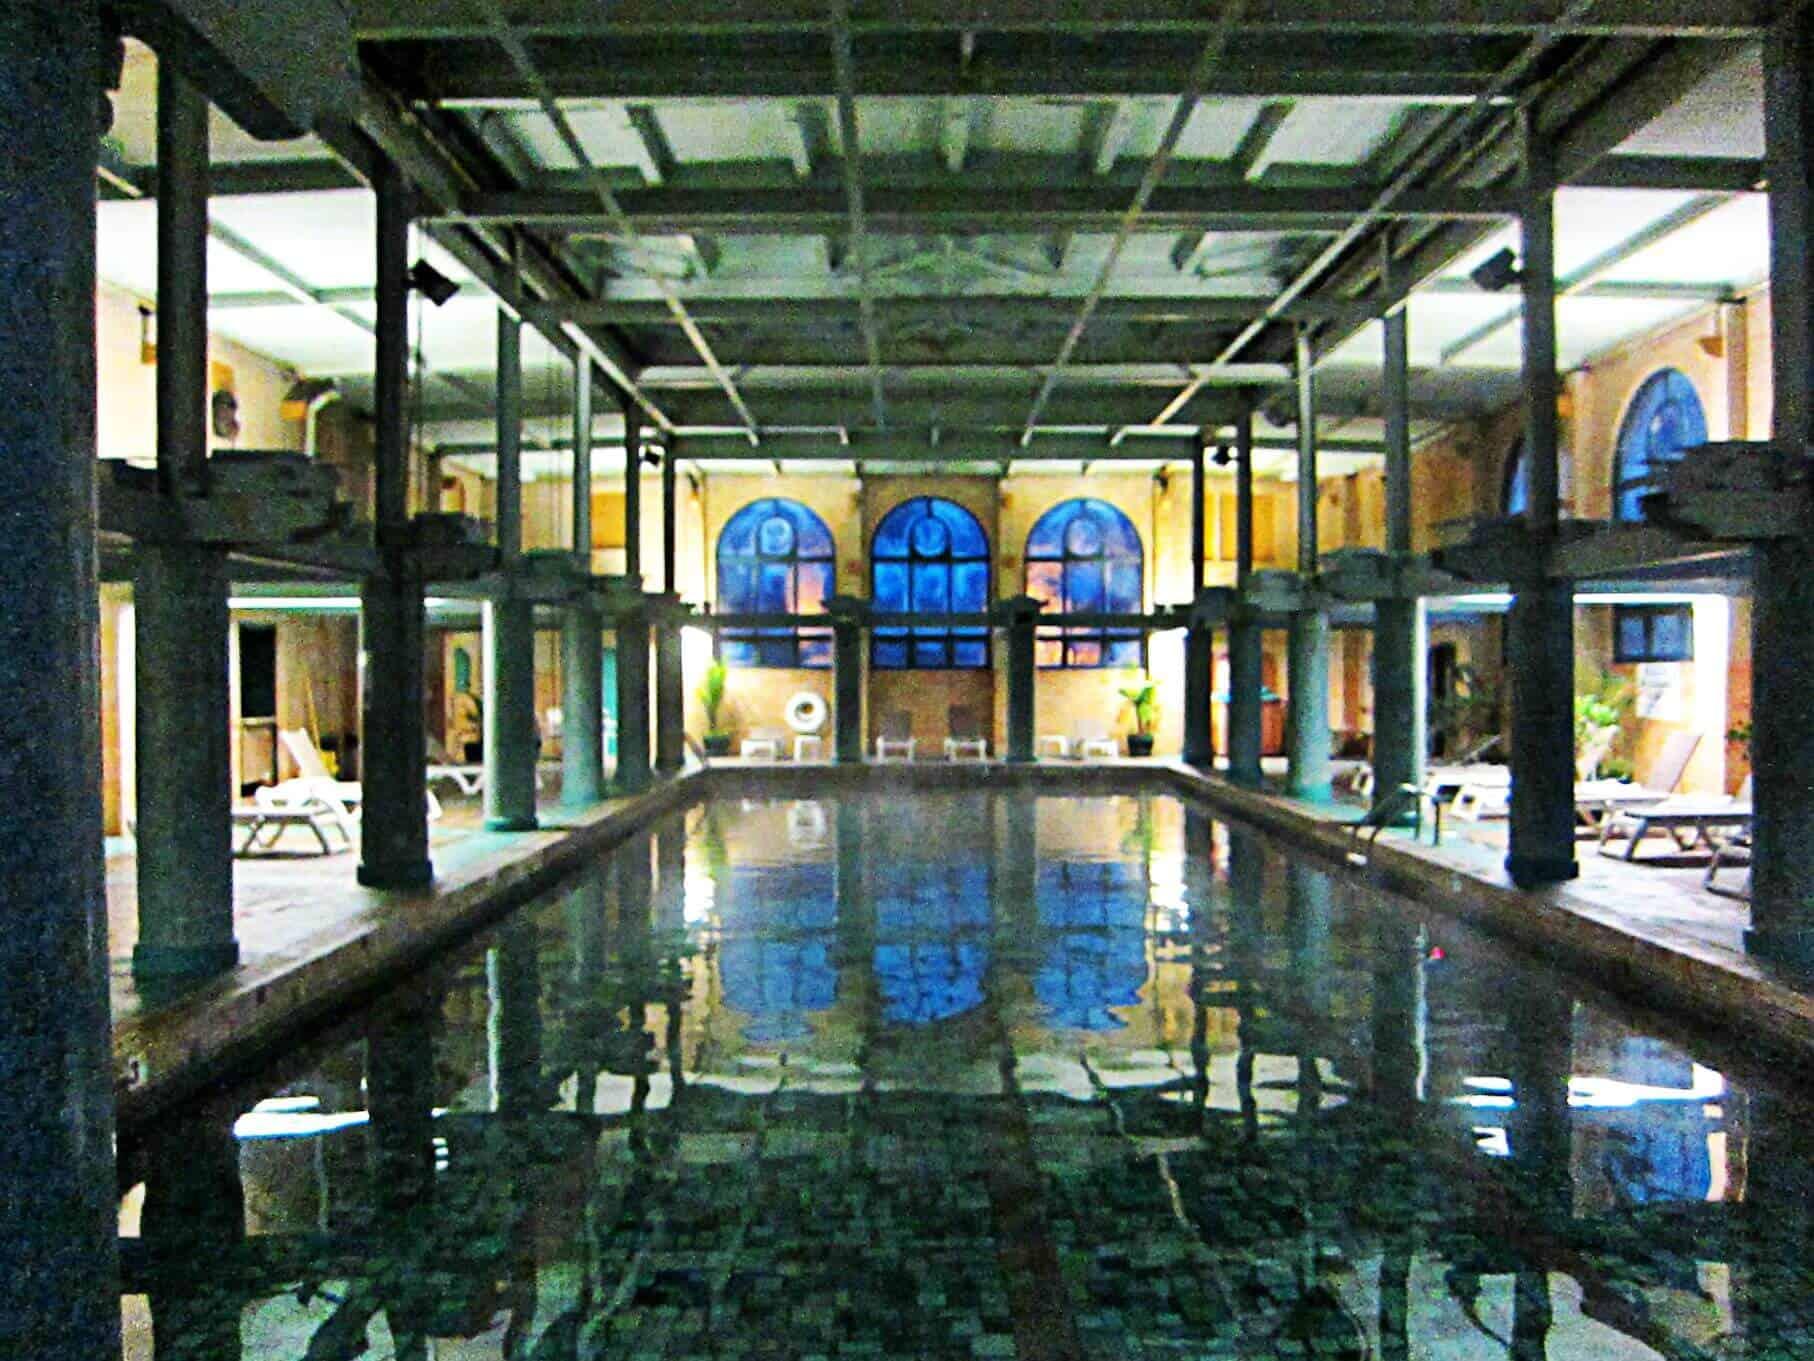 EastFallsLocal Alden Park pool full view